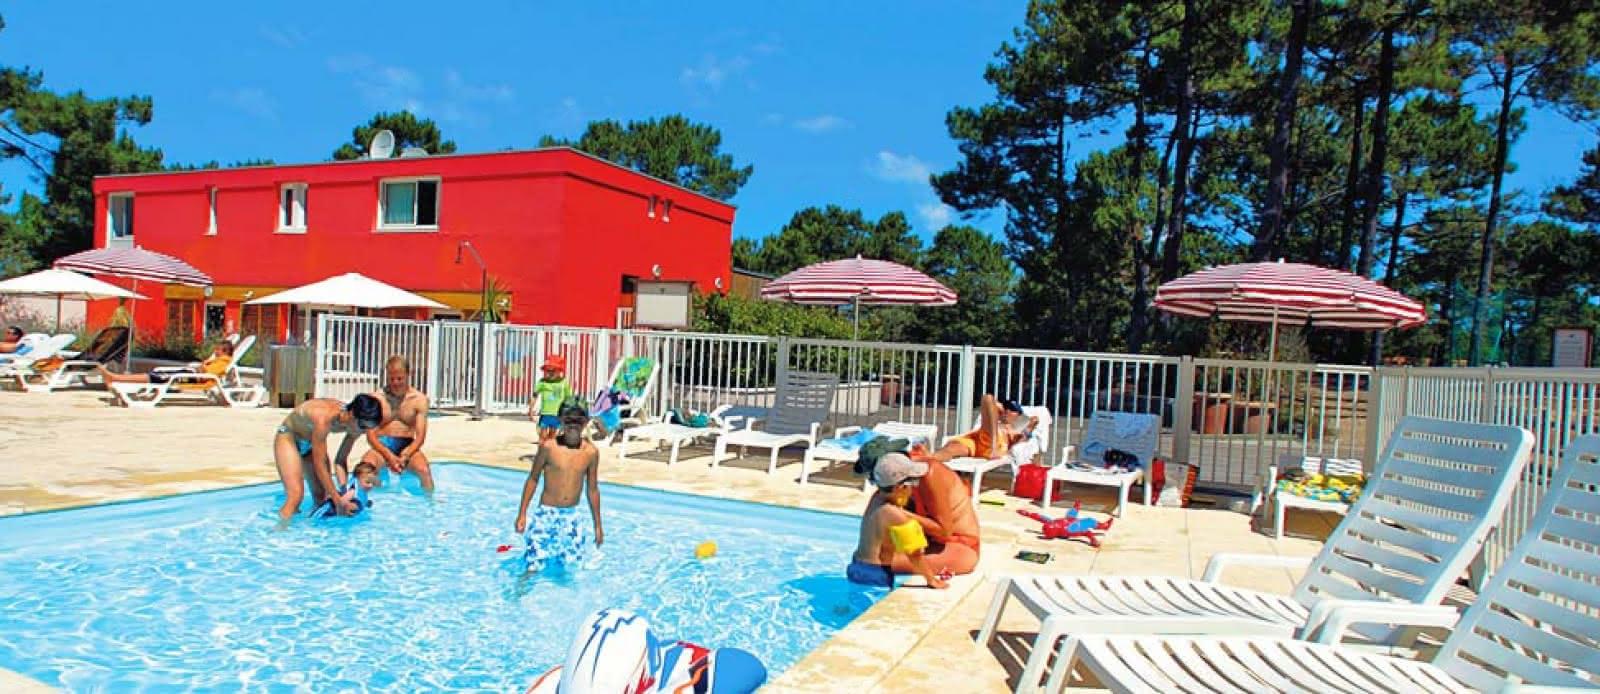 Résidence de tourisme Résidence les Grands Pins Carcans-Maubuisson Exterieur